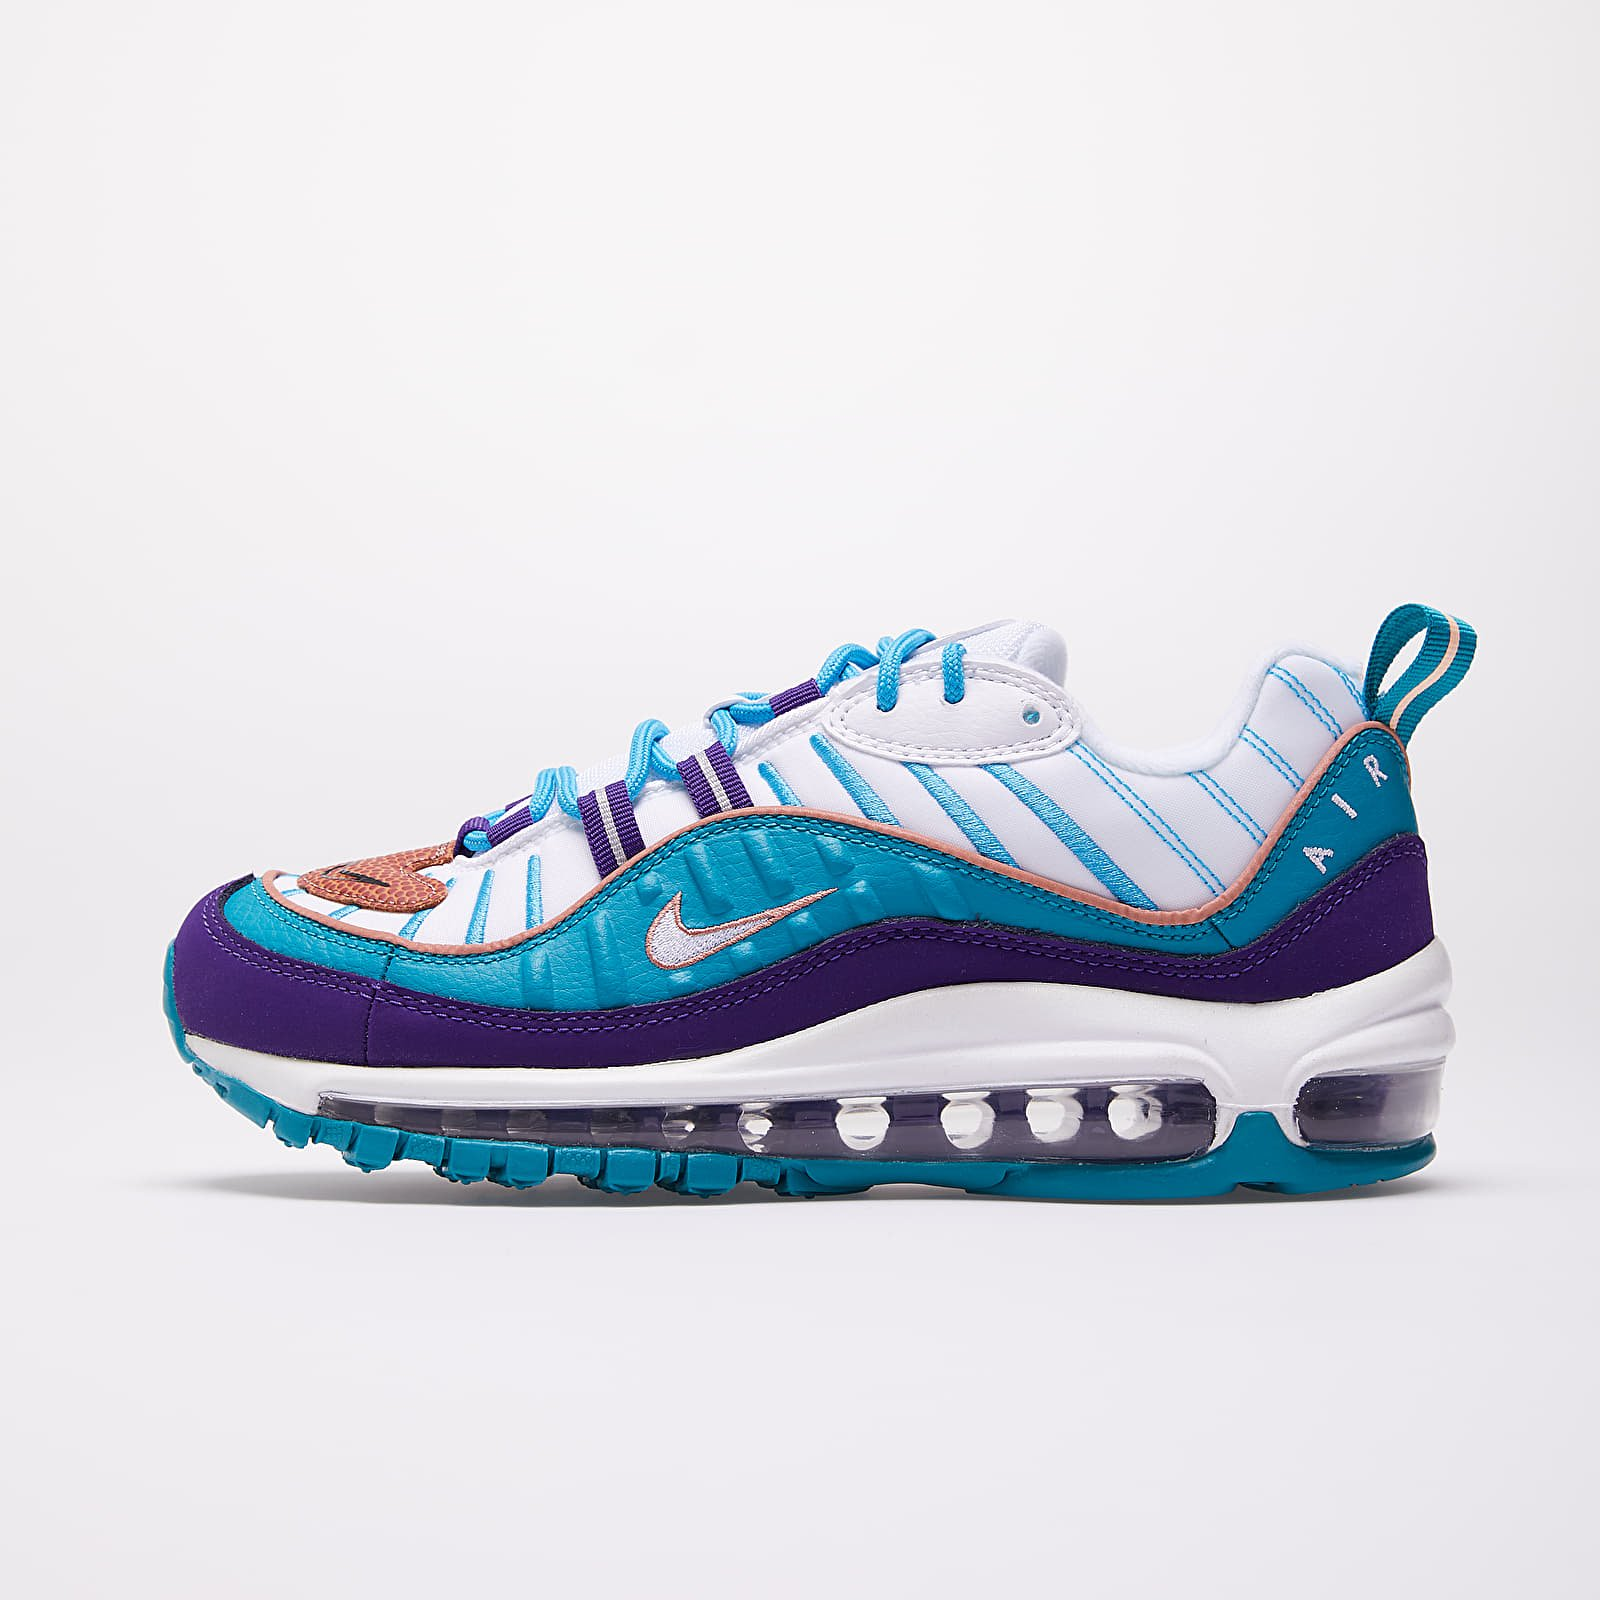 Women's shoes Nike W Air Max 98 Court Purple/ Terra Blush-Spirit Teal